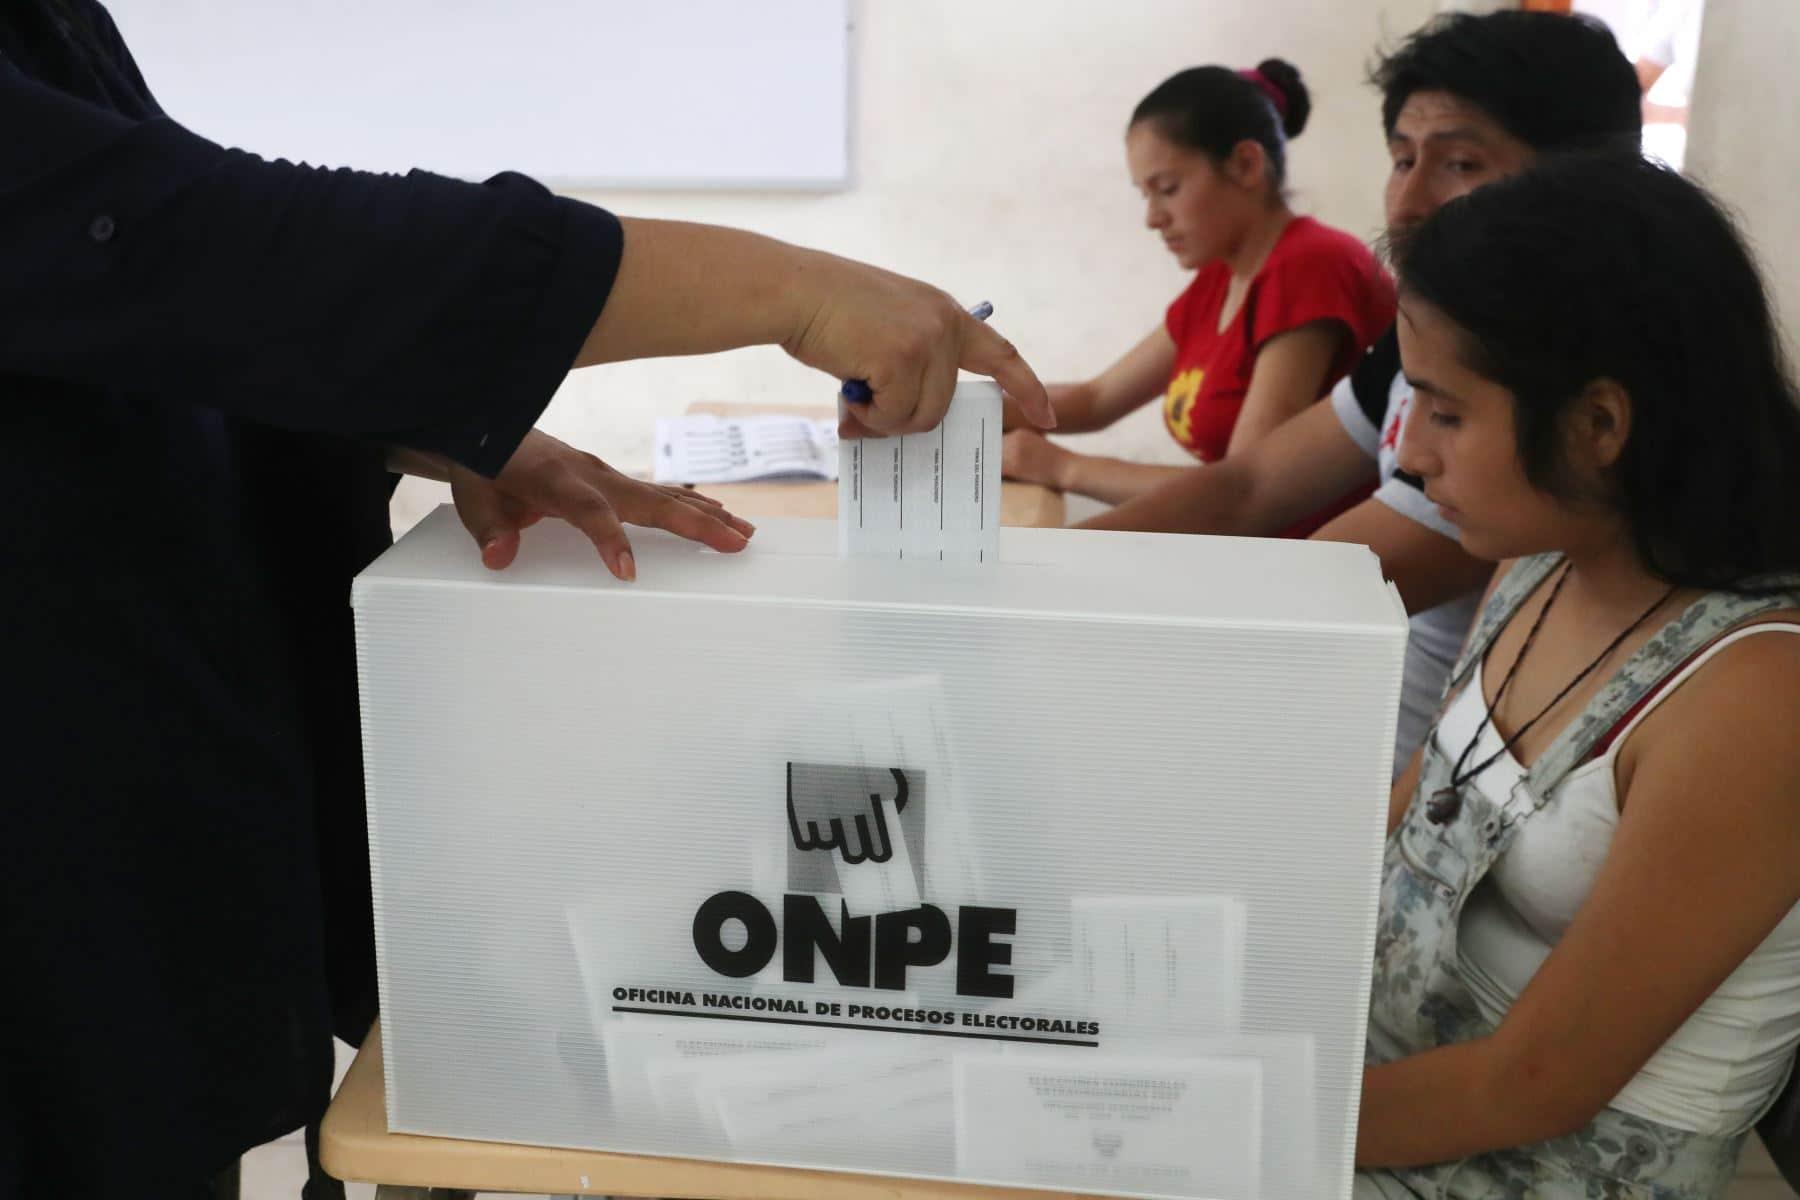 ONPE: Mayores de 65 años no estarán obligados a votar